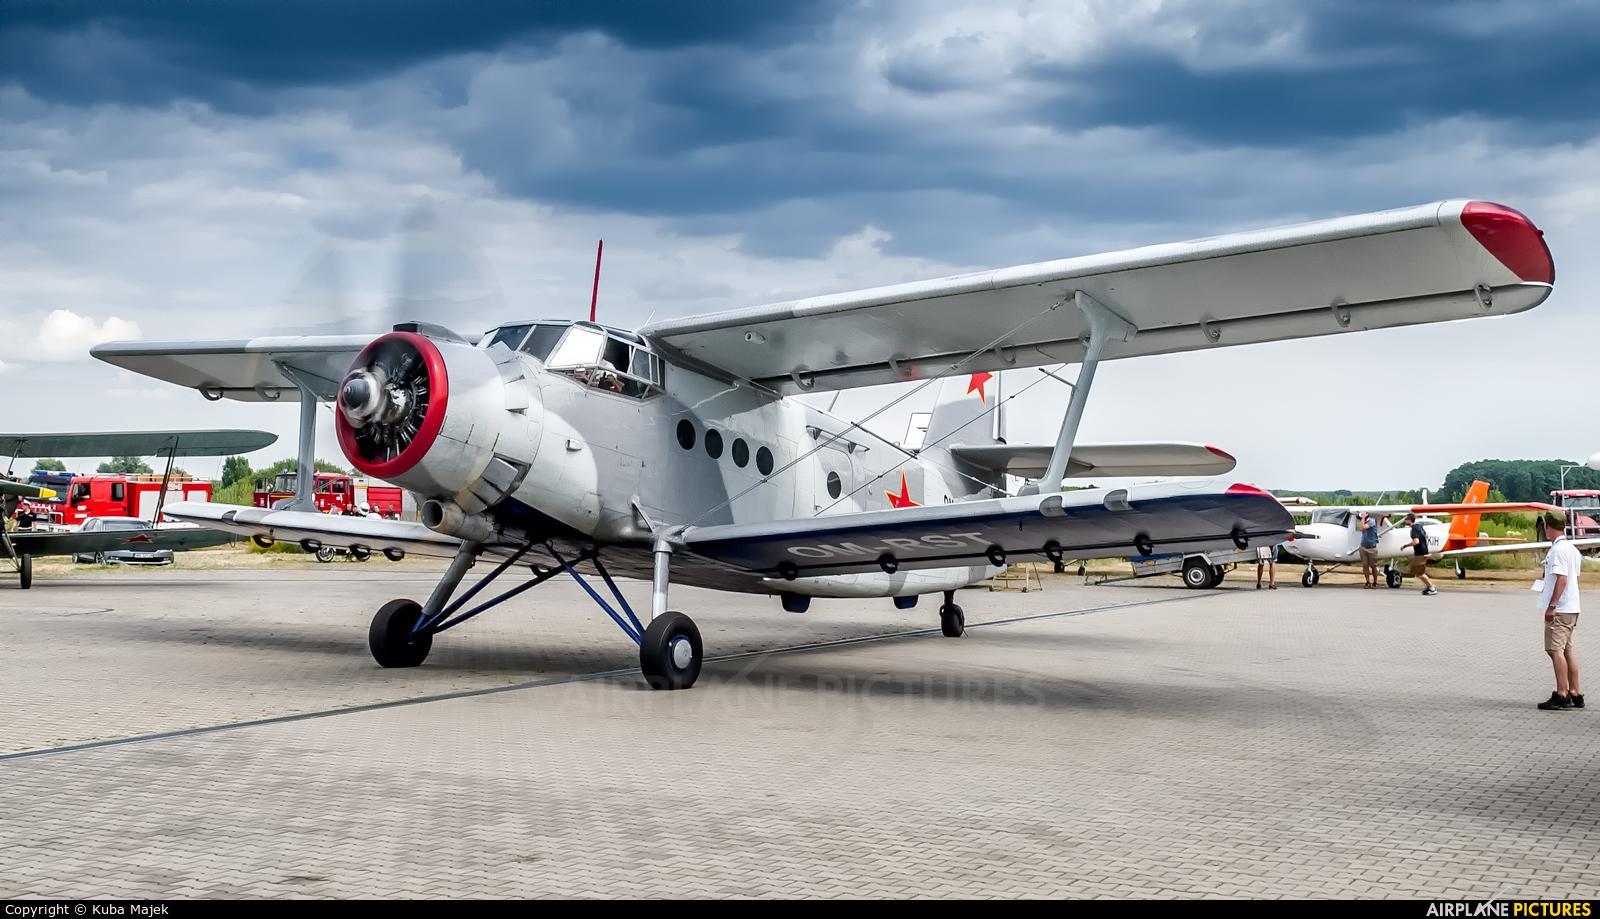 Private OM-RST aircraft at Sobienie Królewskie